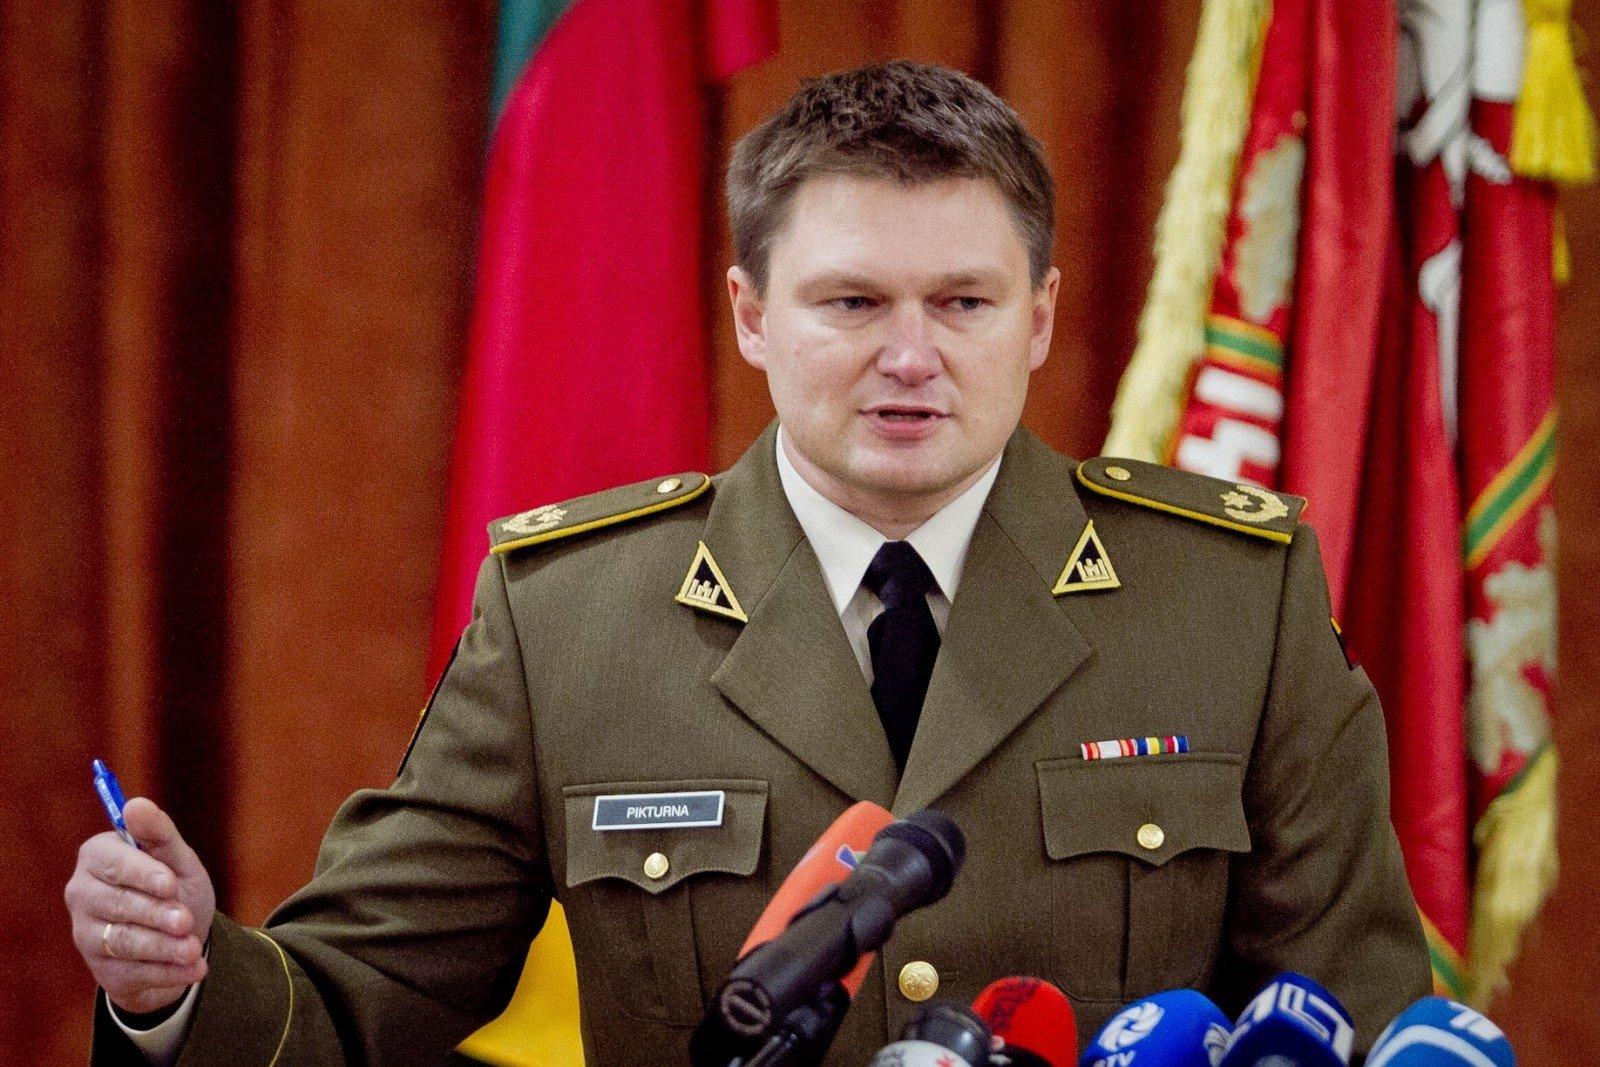 Военному атташе довелось выбирать между супругой икарьерой— Литовская жертва Крыма